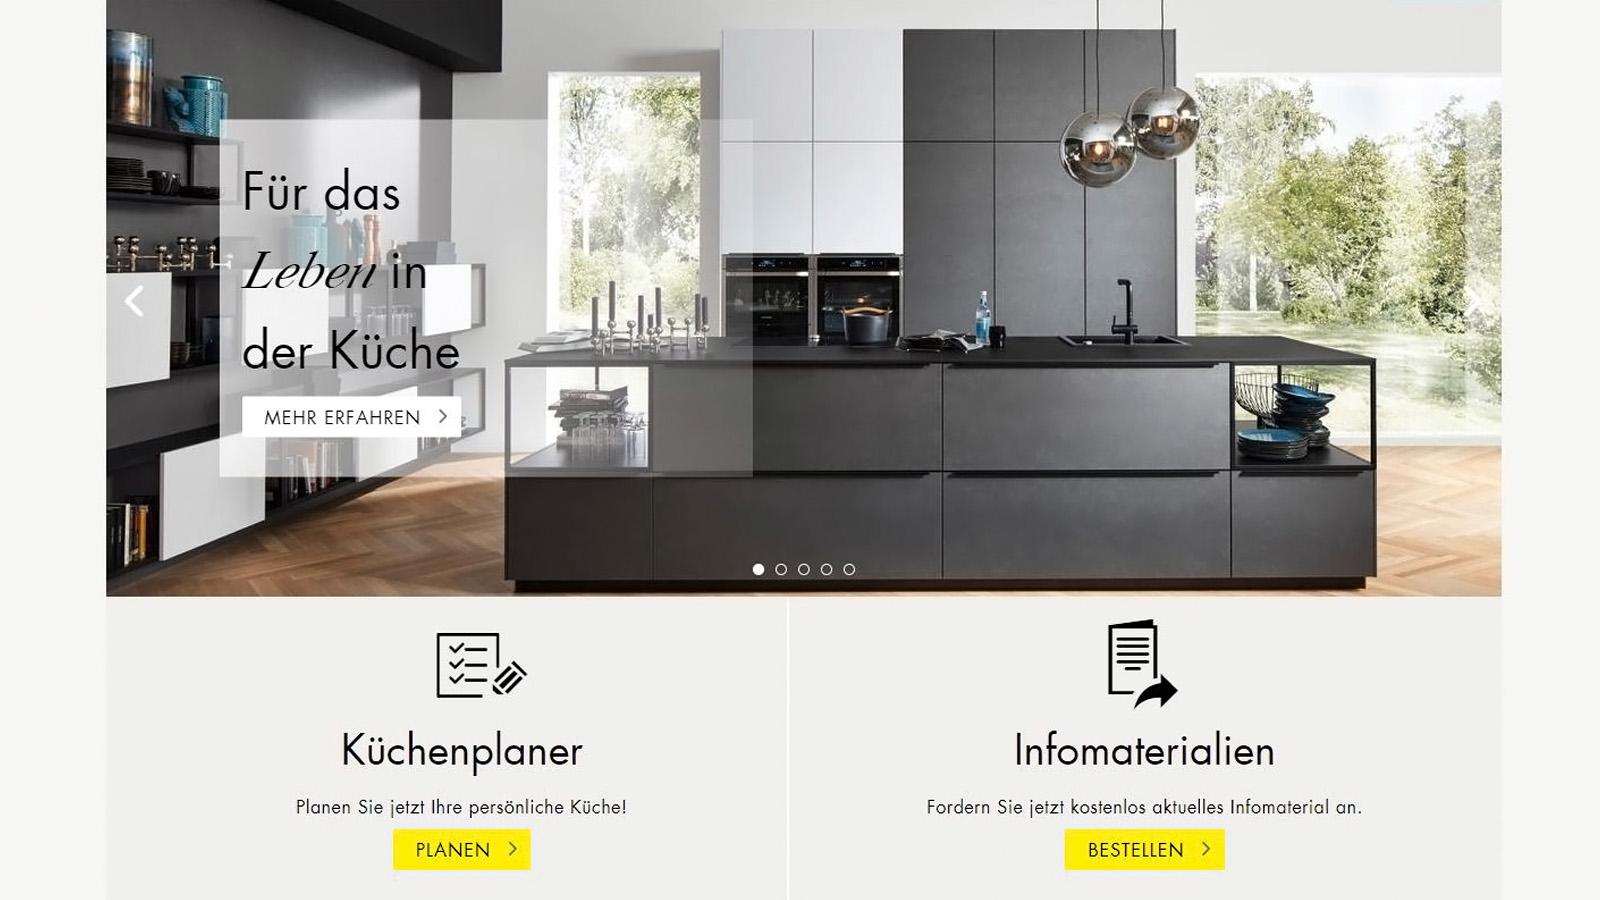 Full Size of Hardeck Küche Planen Arbeitsplatte Küche Planen Küche Planen Grundriss Fehler Beim Küche Planen Küche Küche Planen